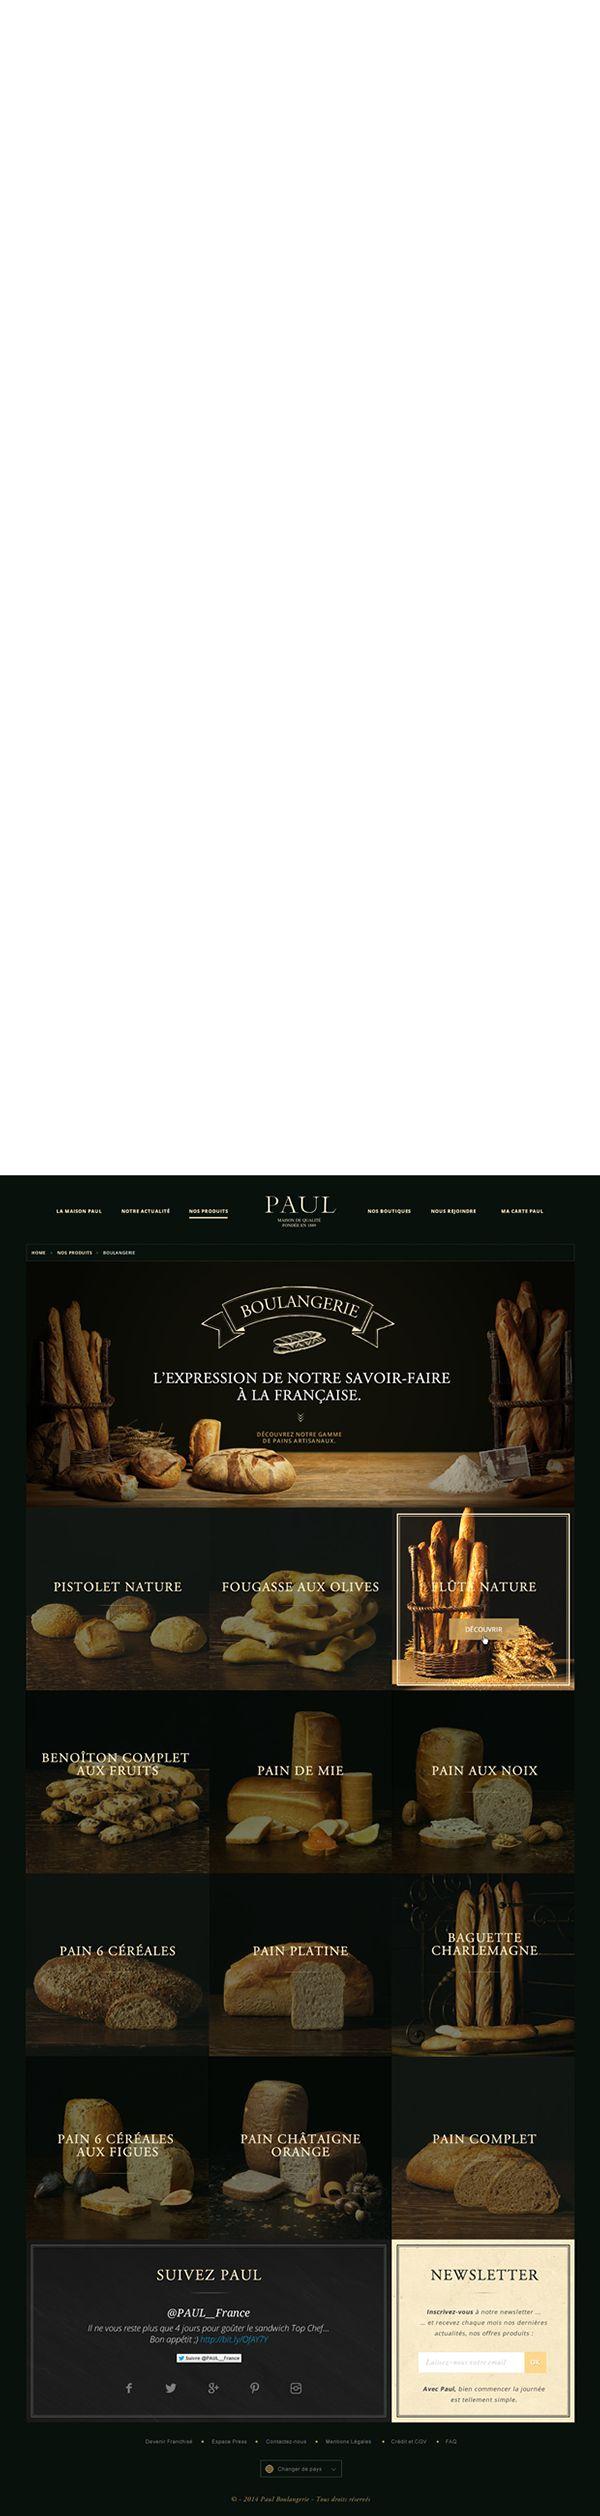 Boulangerie Paul on Behance